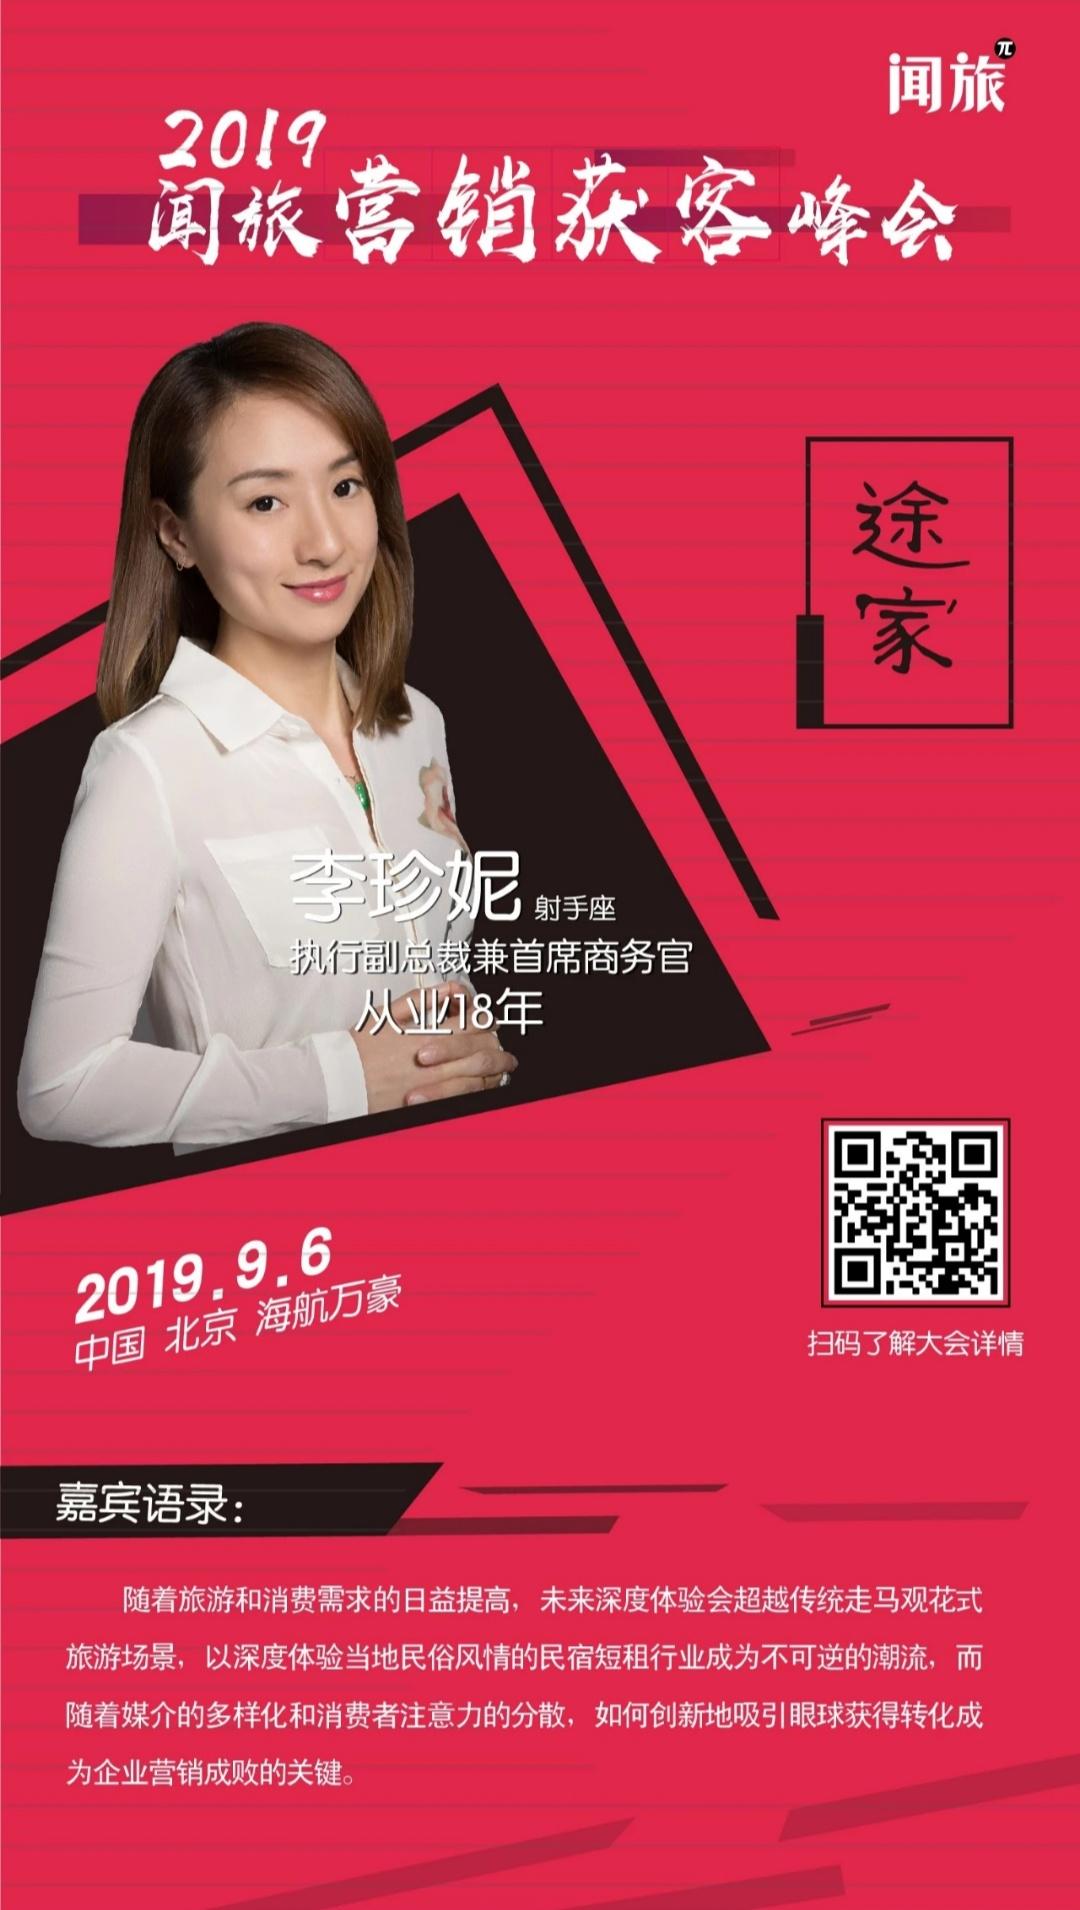 Screenshot_2019-08-07-15-25-18-801_com.tencent.mm.png